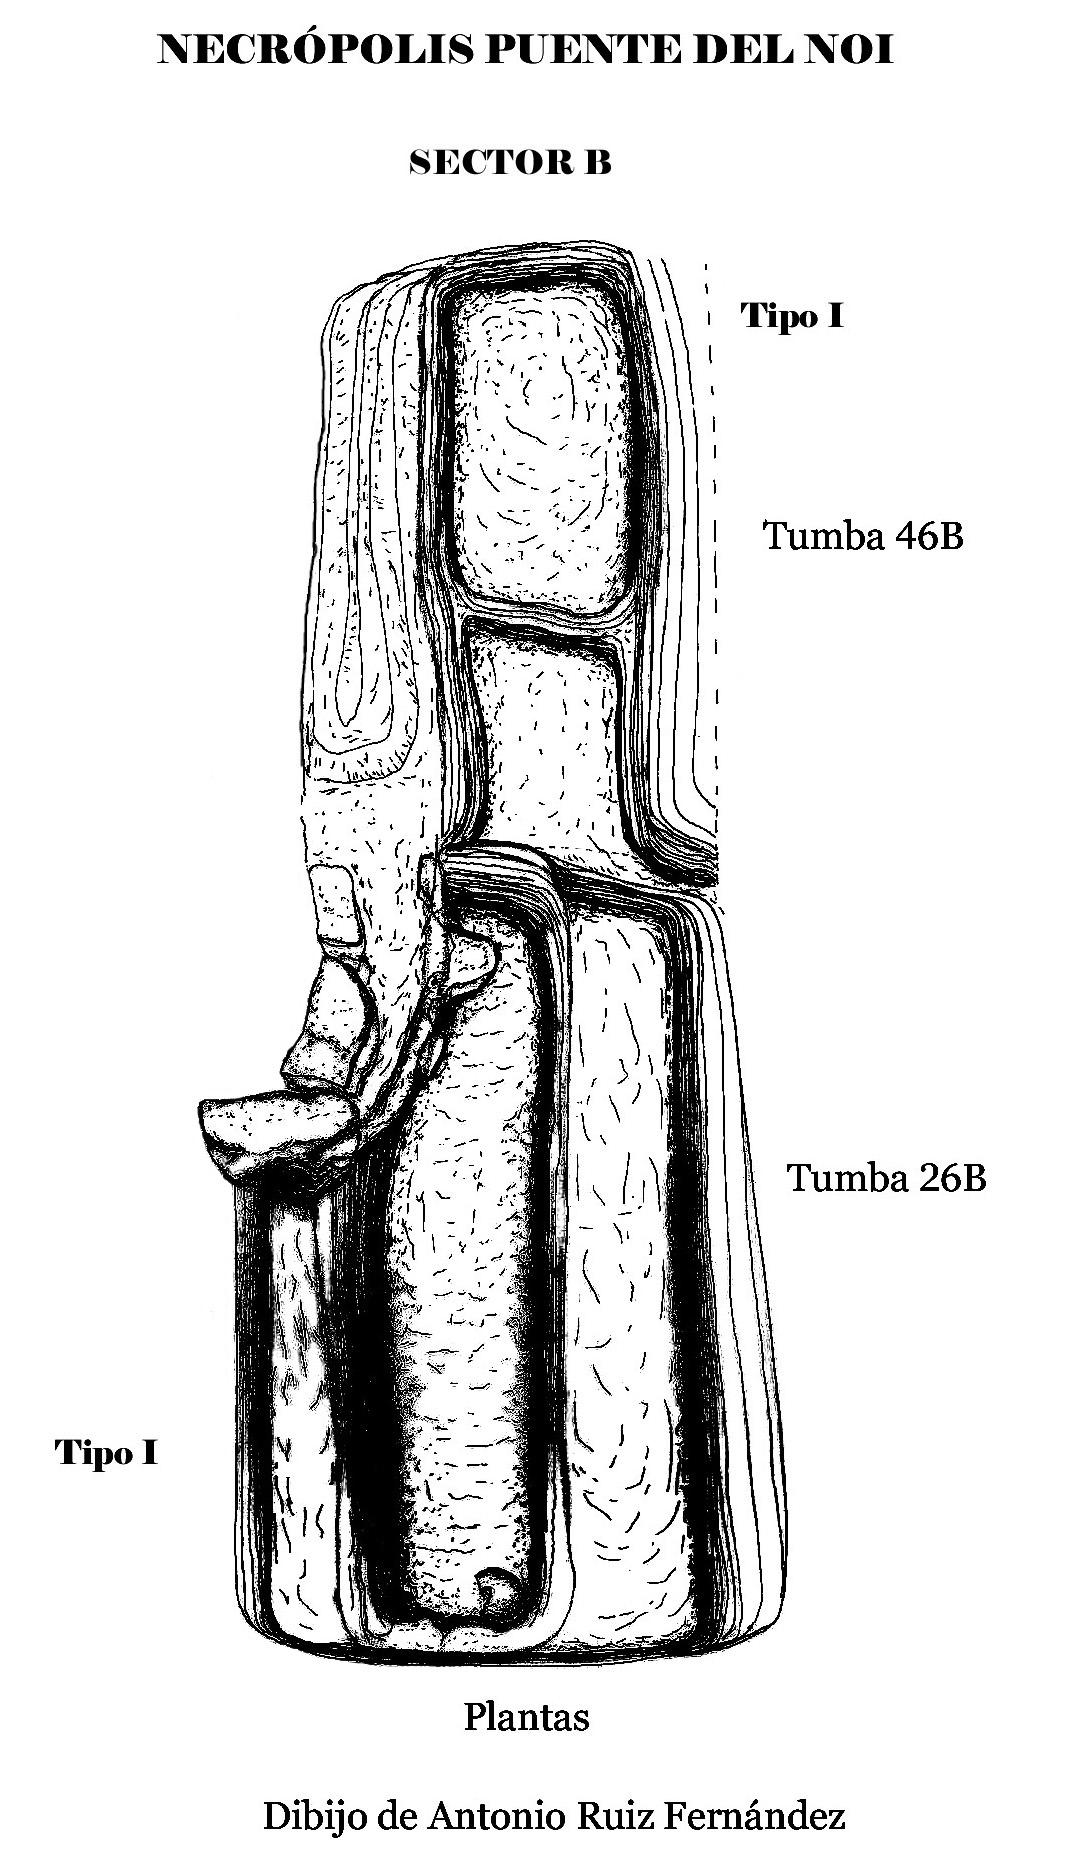 26-46Puente del Noi sector 26-46B (1) copia